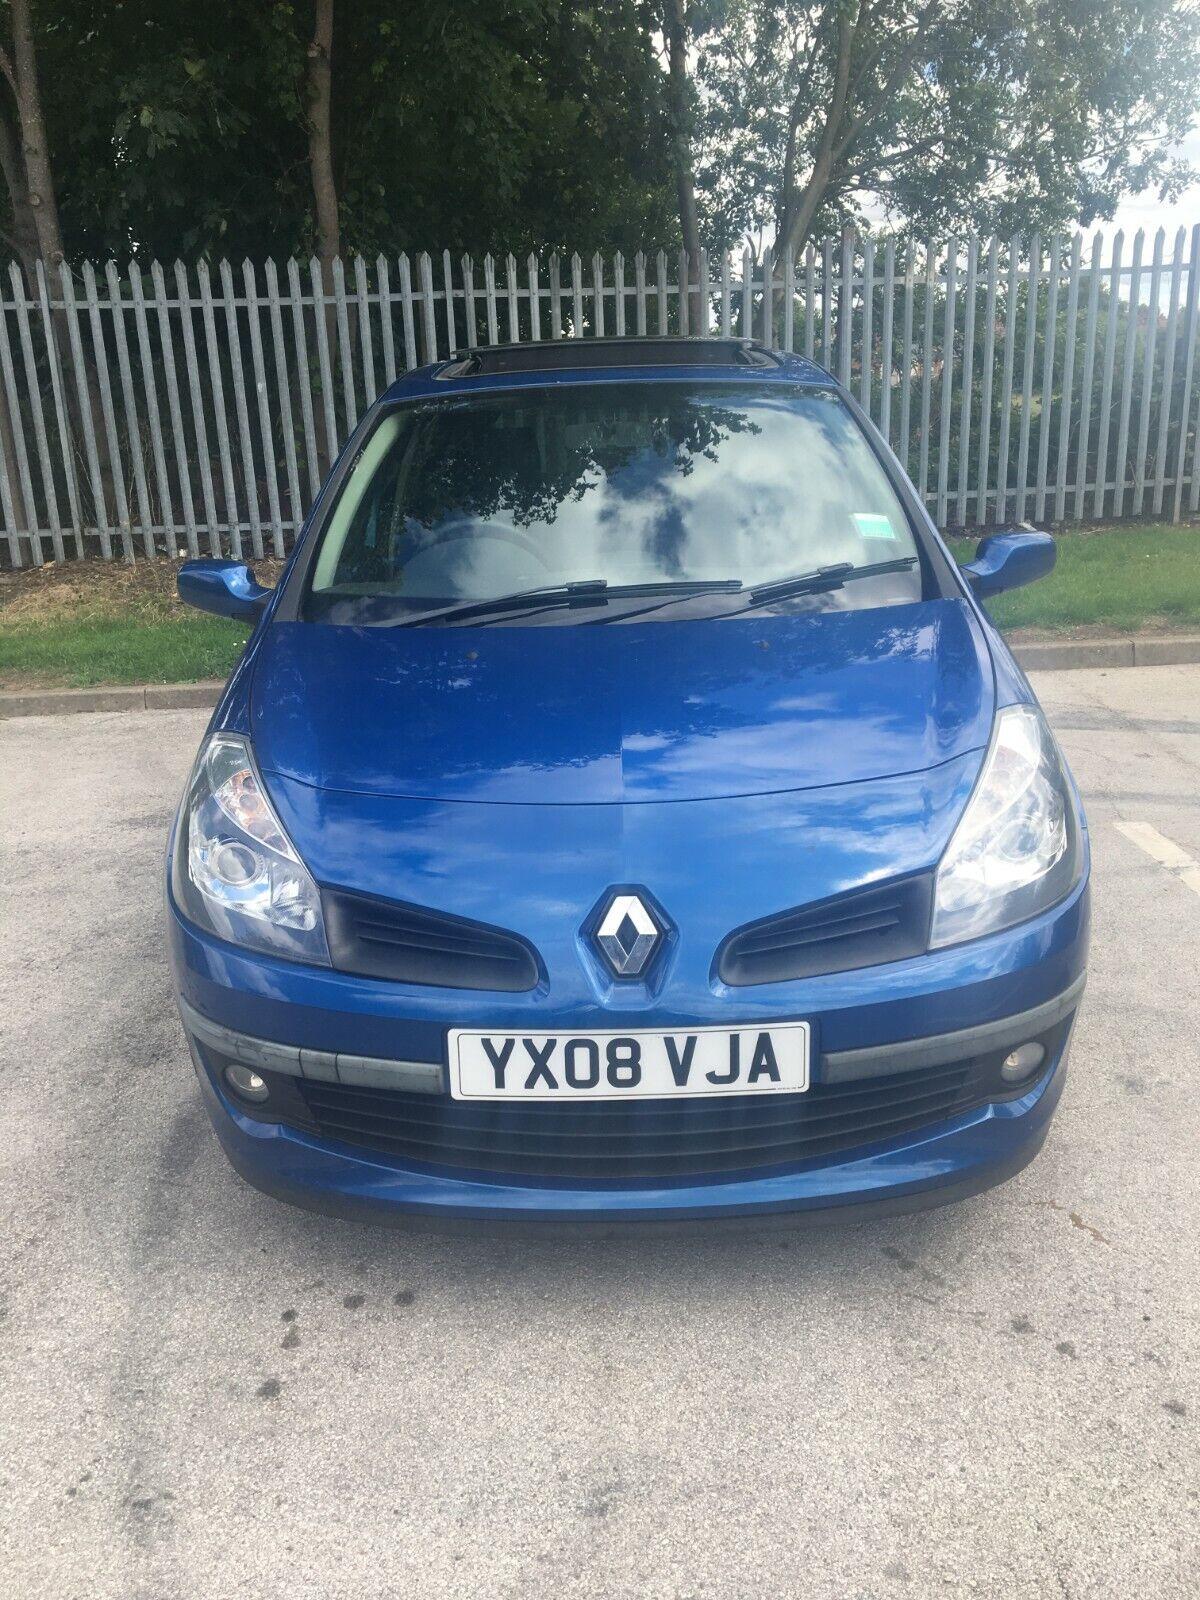 Renault-Clio-Dynamique-Turbo-100-2008-Low-Mil